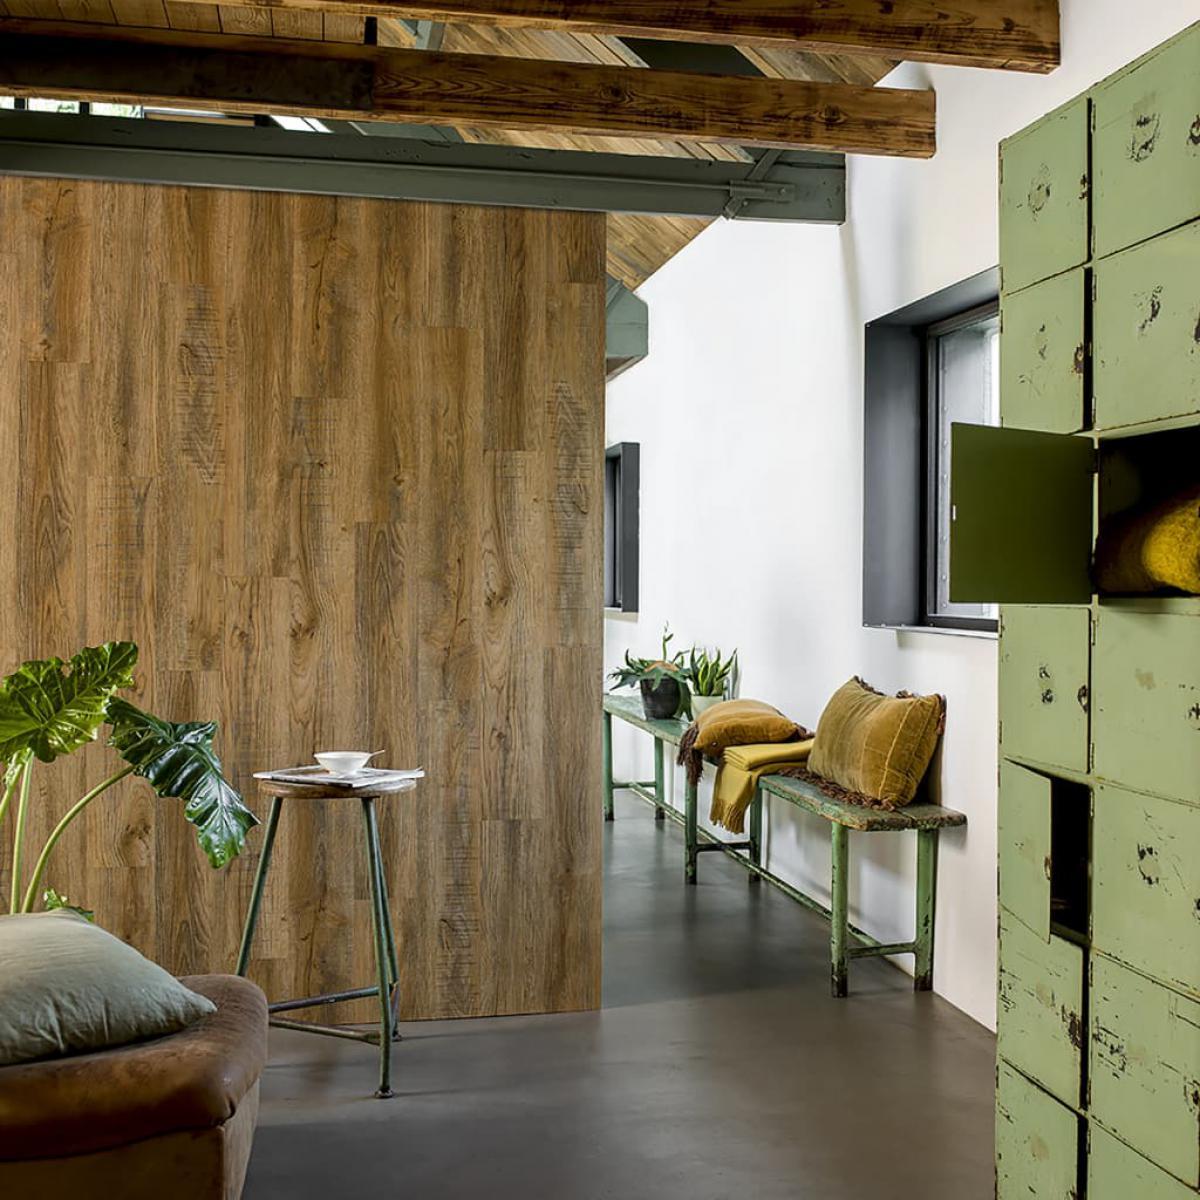 Wallart WallArt Planches d'aspect de bois Chêne de récupération Marron vintage